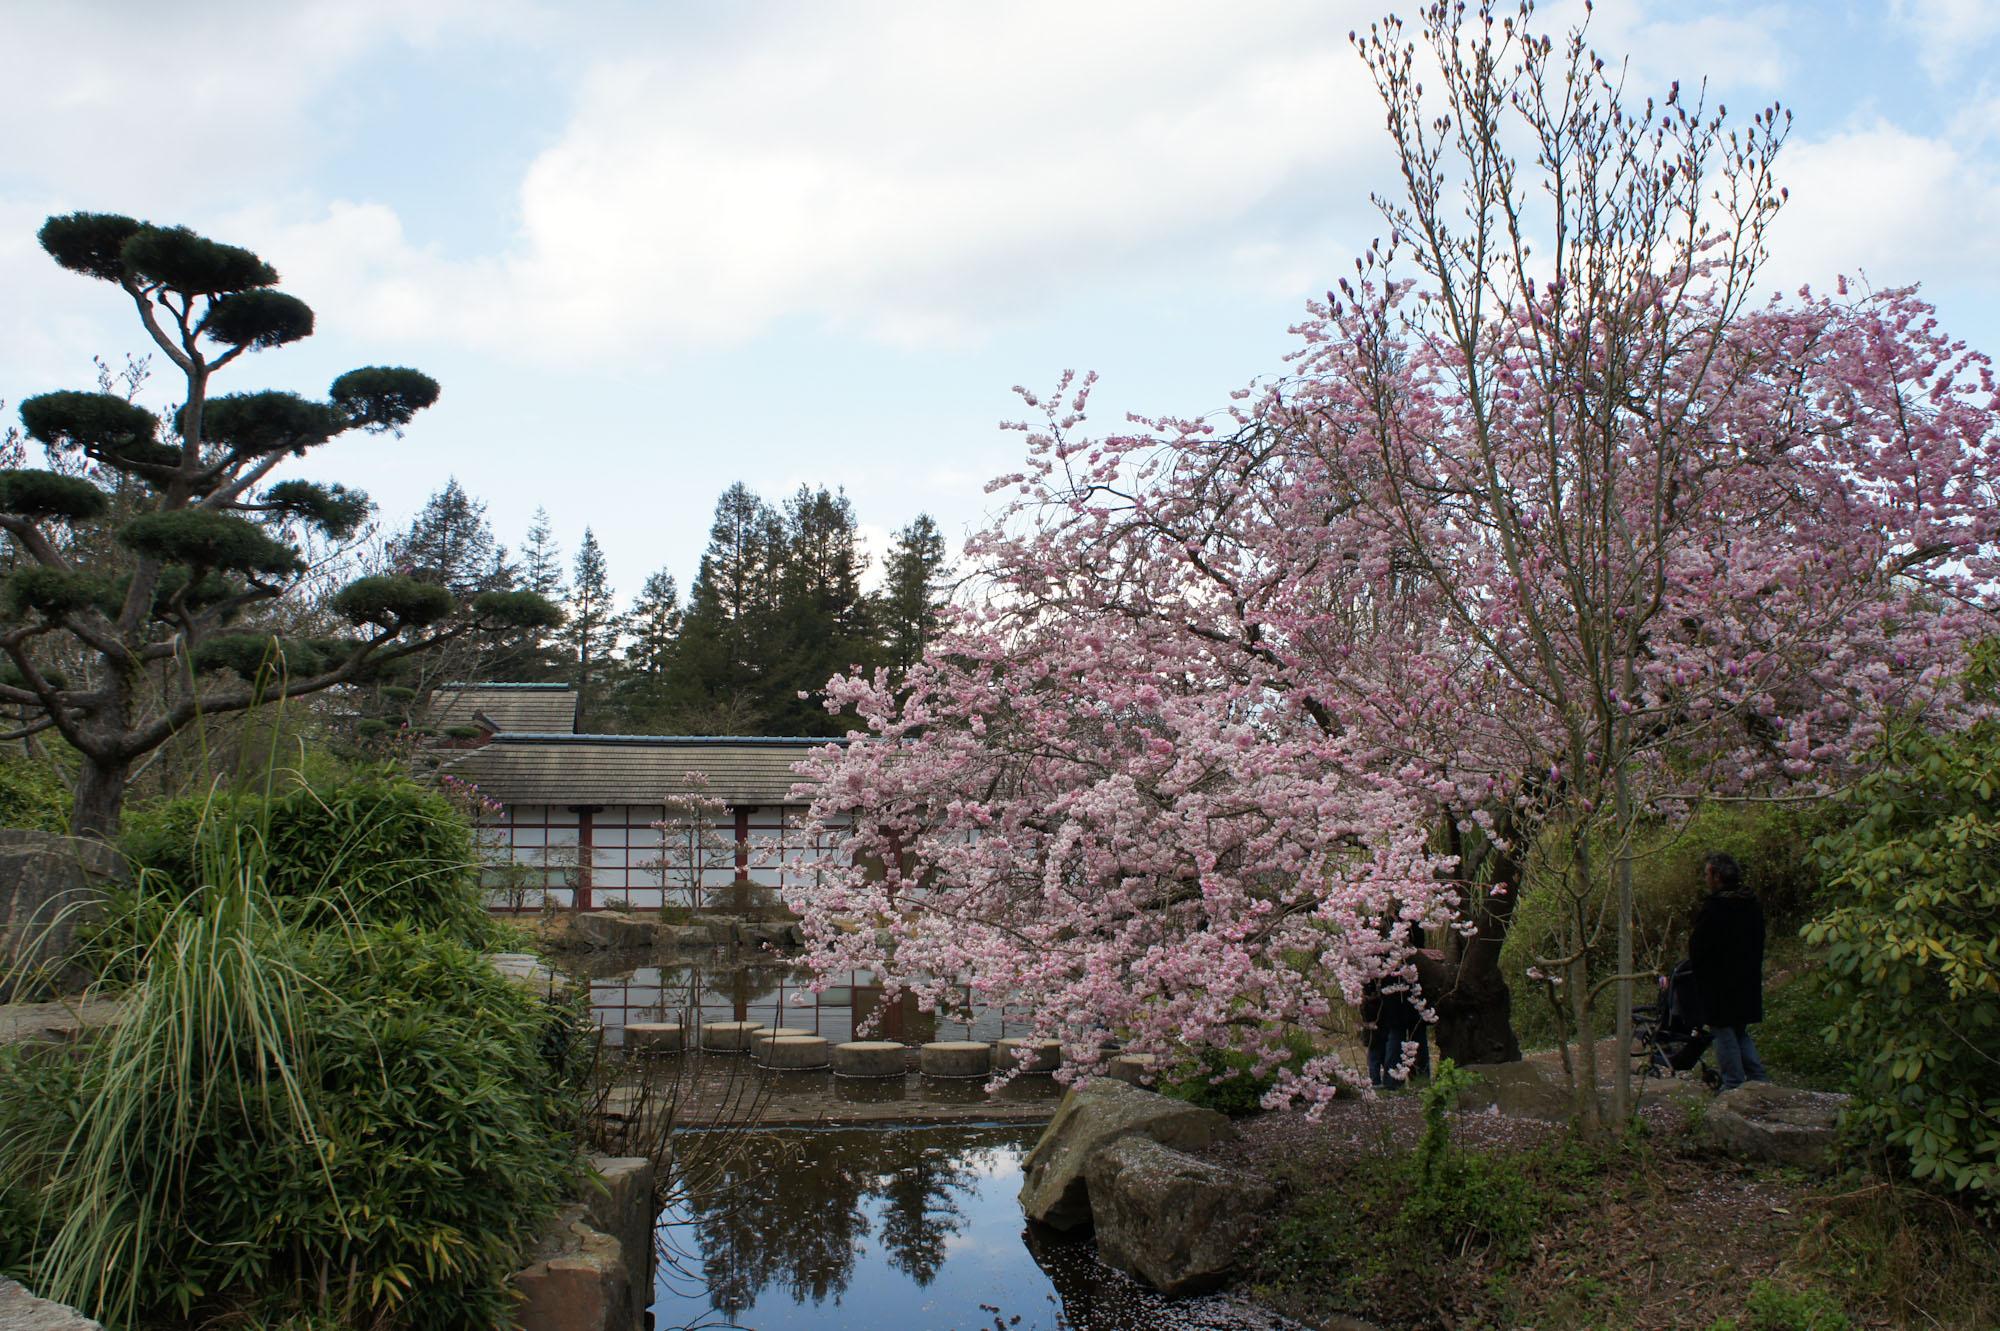 Jardin japonais nantes for Jardin japonais cholet